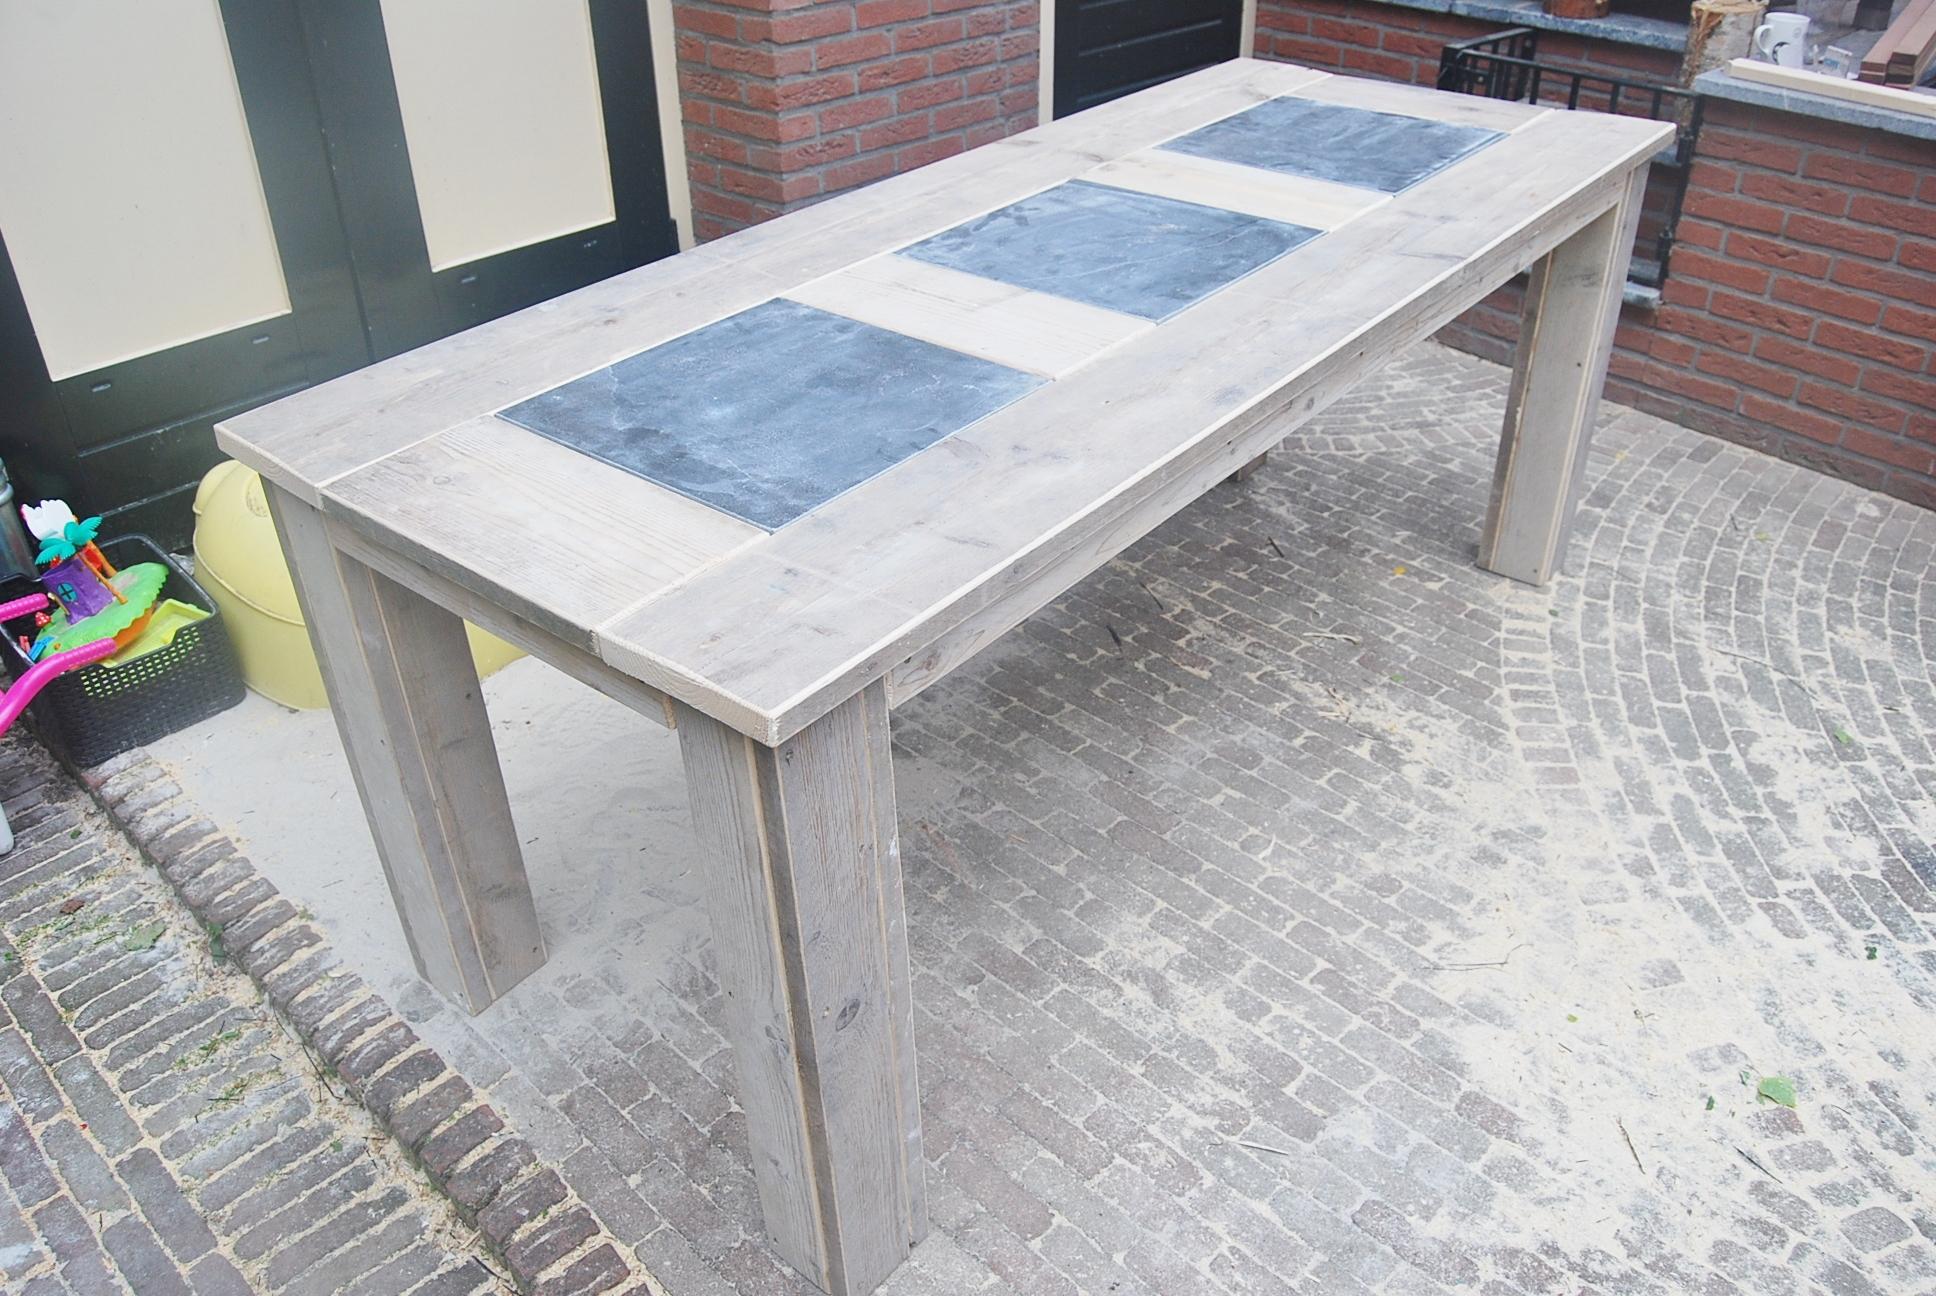 Tafels en tuintafels steigerhout alle maten en modellen for Zelf tuintafel maken van steigerhout